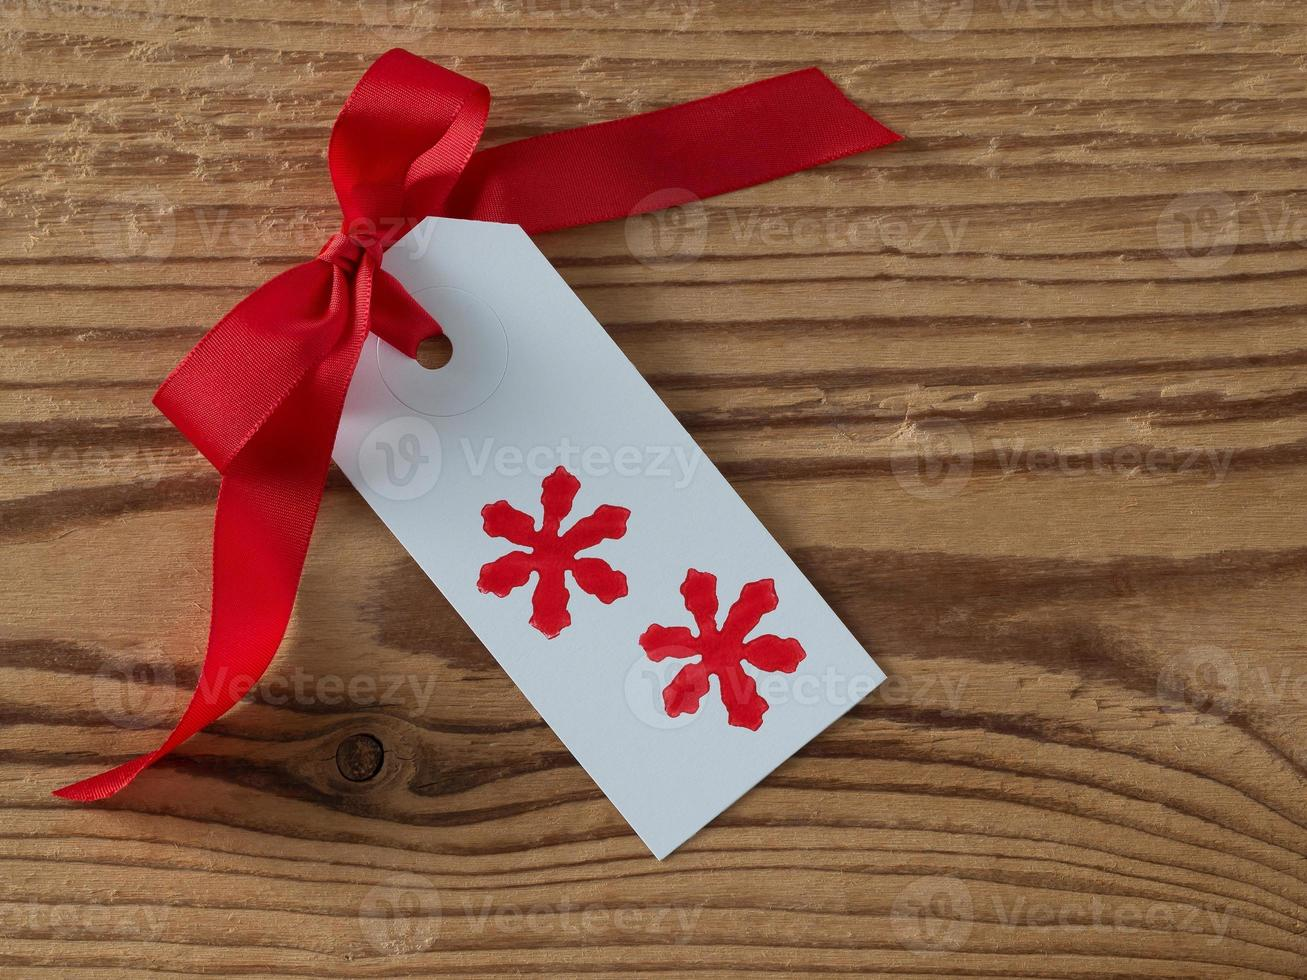 natal, etiqueta para presente, impresso, fita vermelha, madeira de fundo foto